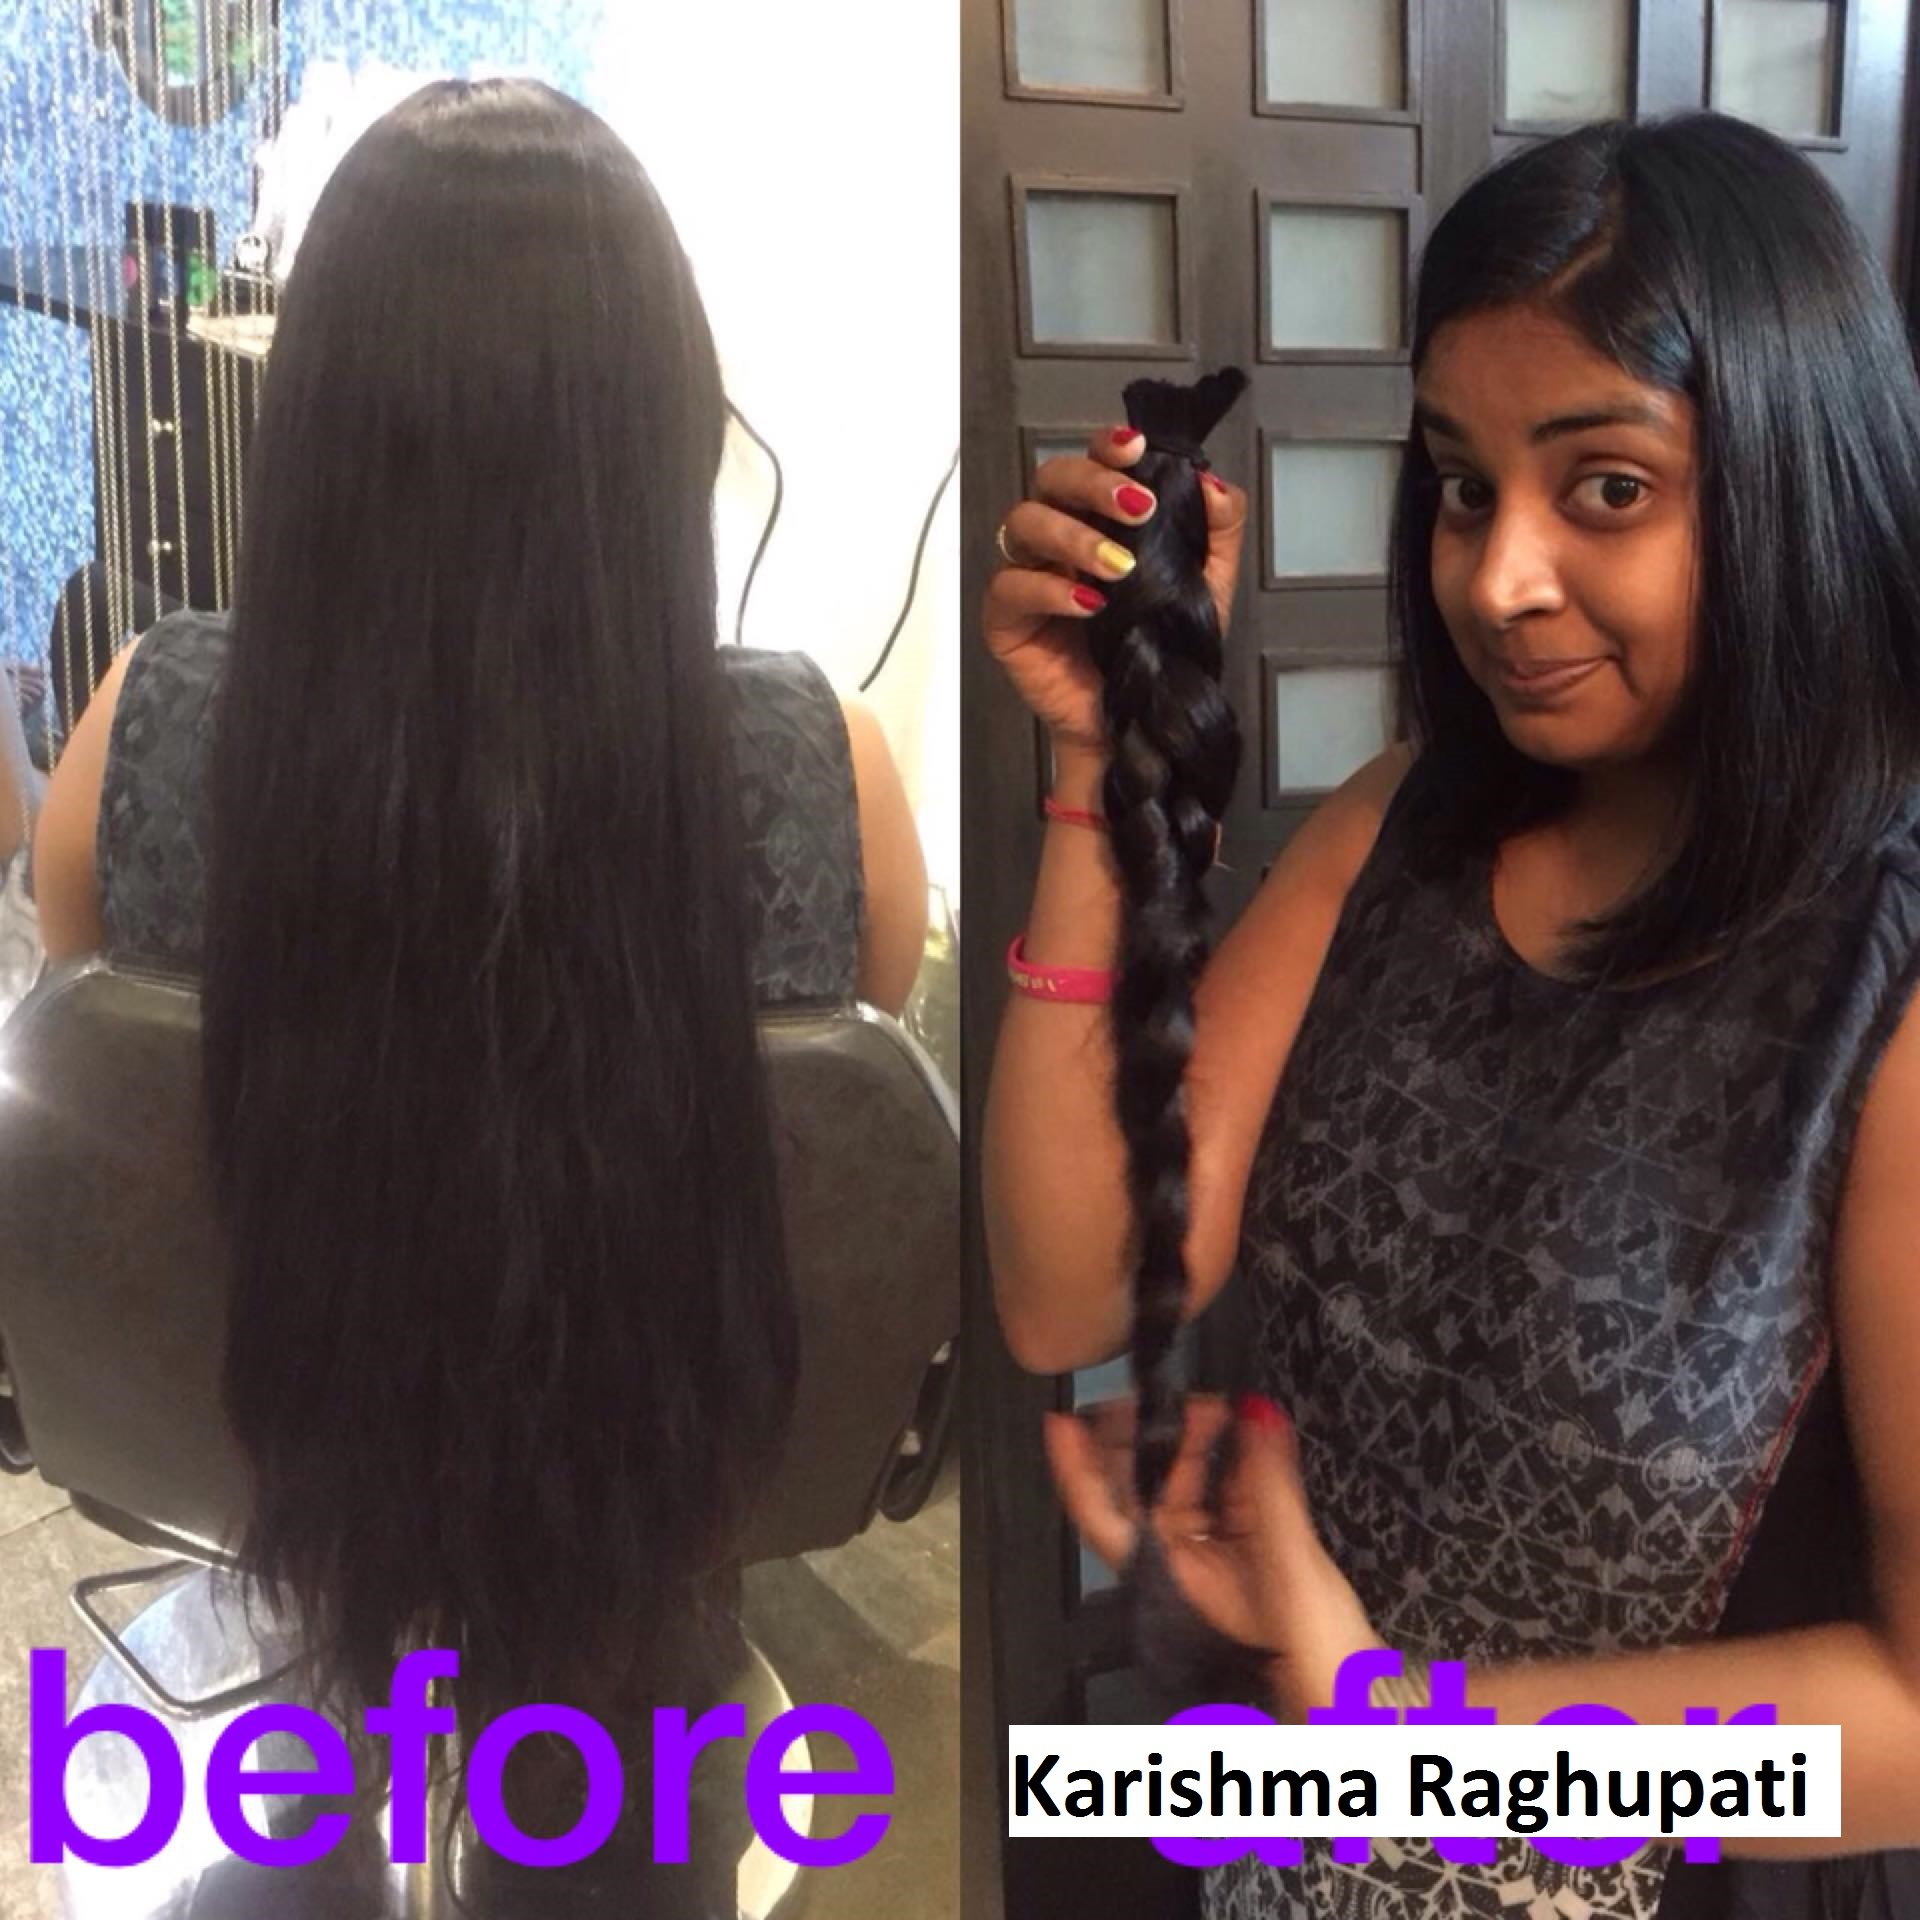 Karishma Raghupati